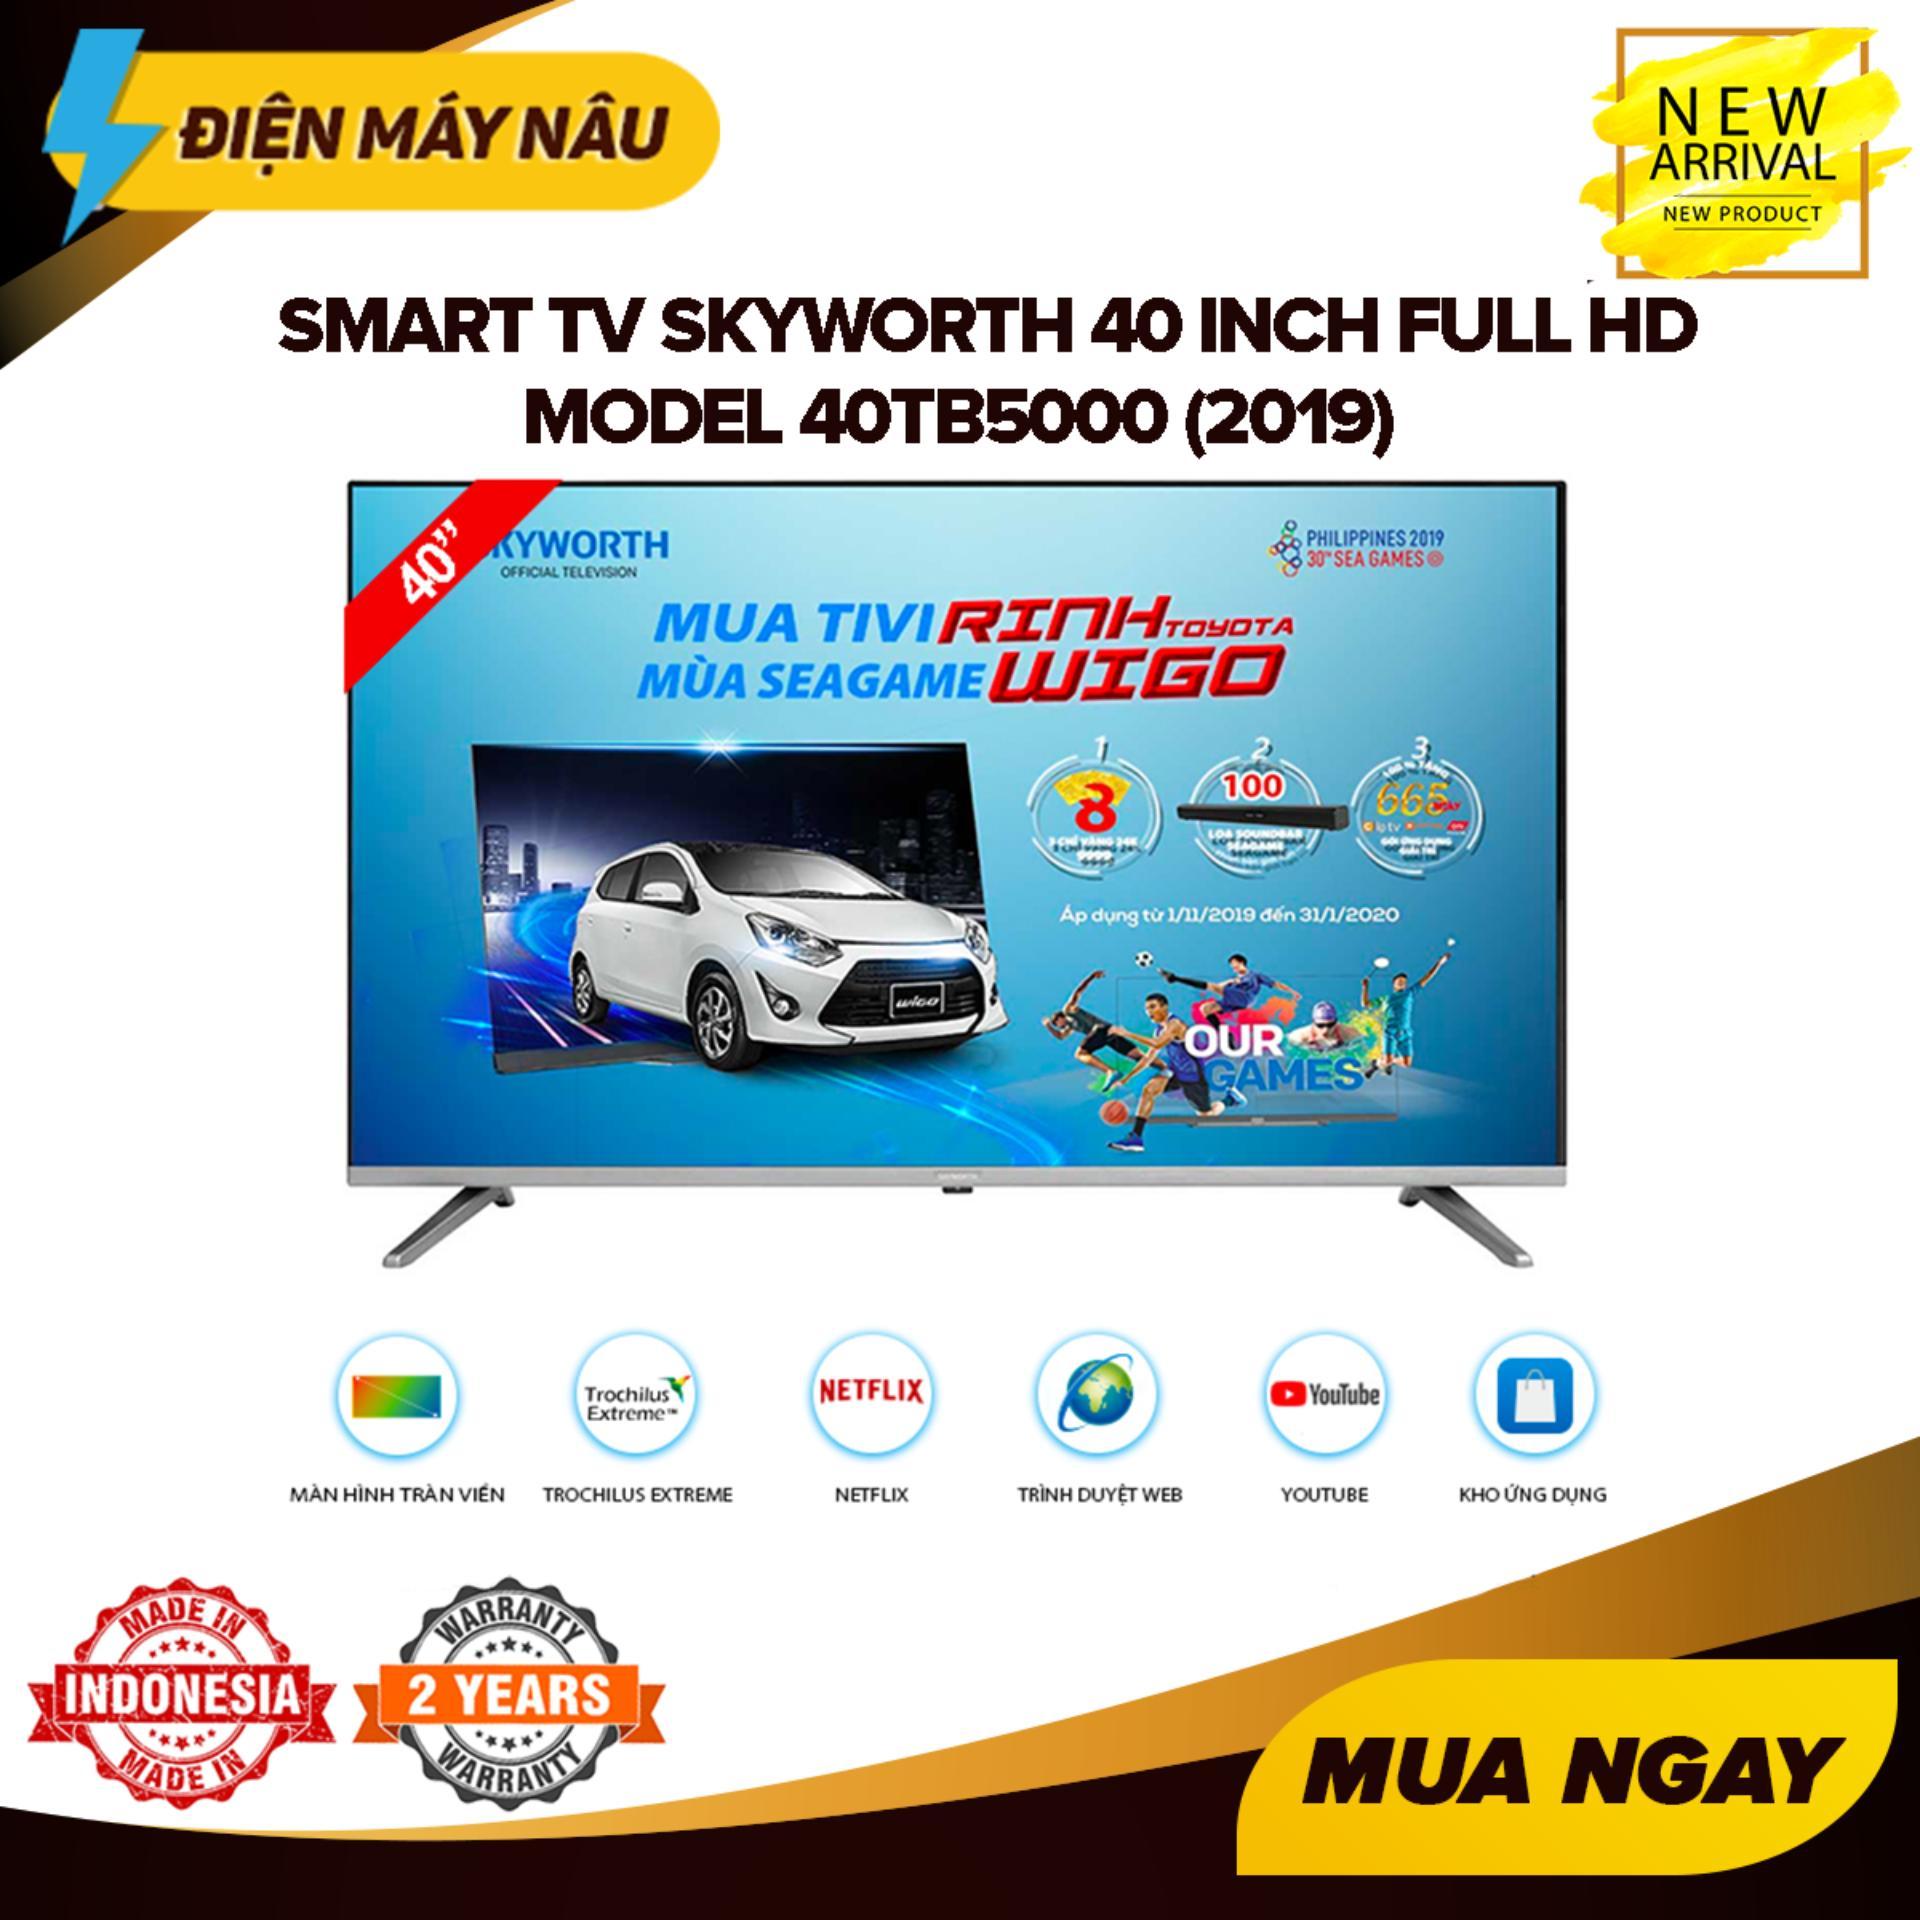 Smart TV Skyworth 40 inch Full HD - Model 40TB5000 (2019) Tràn viền, Hễ điều hành Lunix, Youtube, Kết nối với điện thoại - Bảo Hành 2 Năm